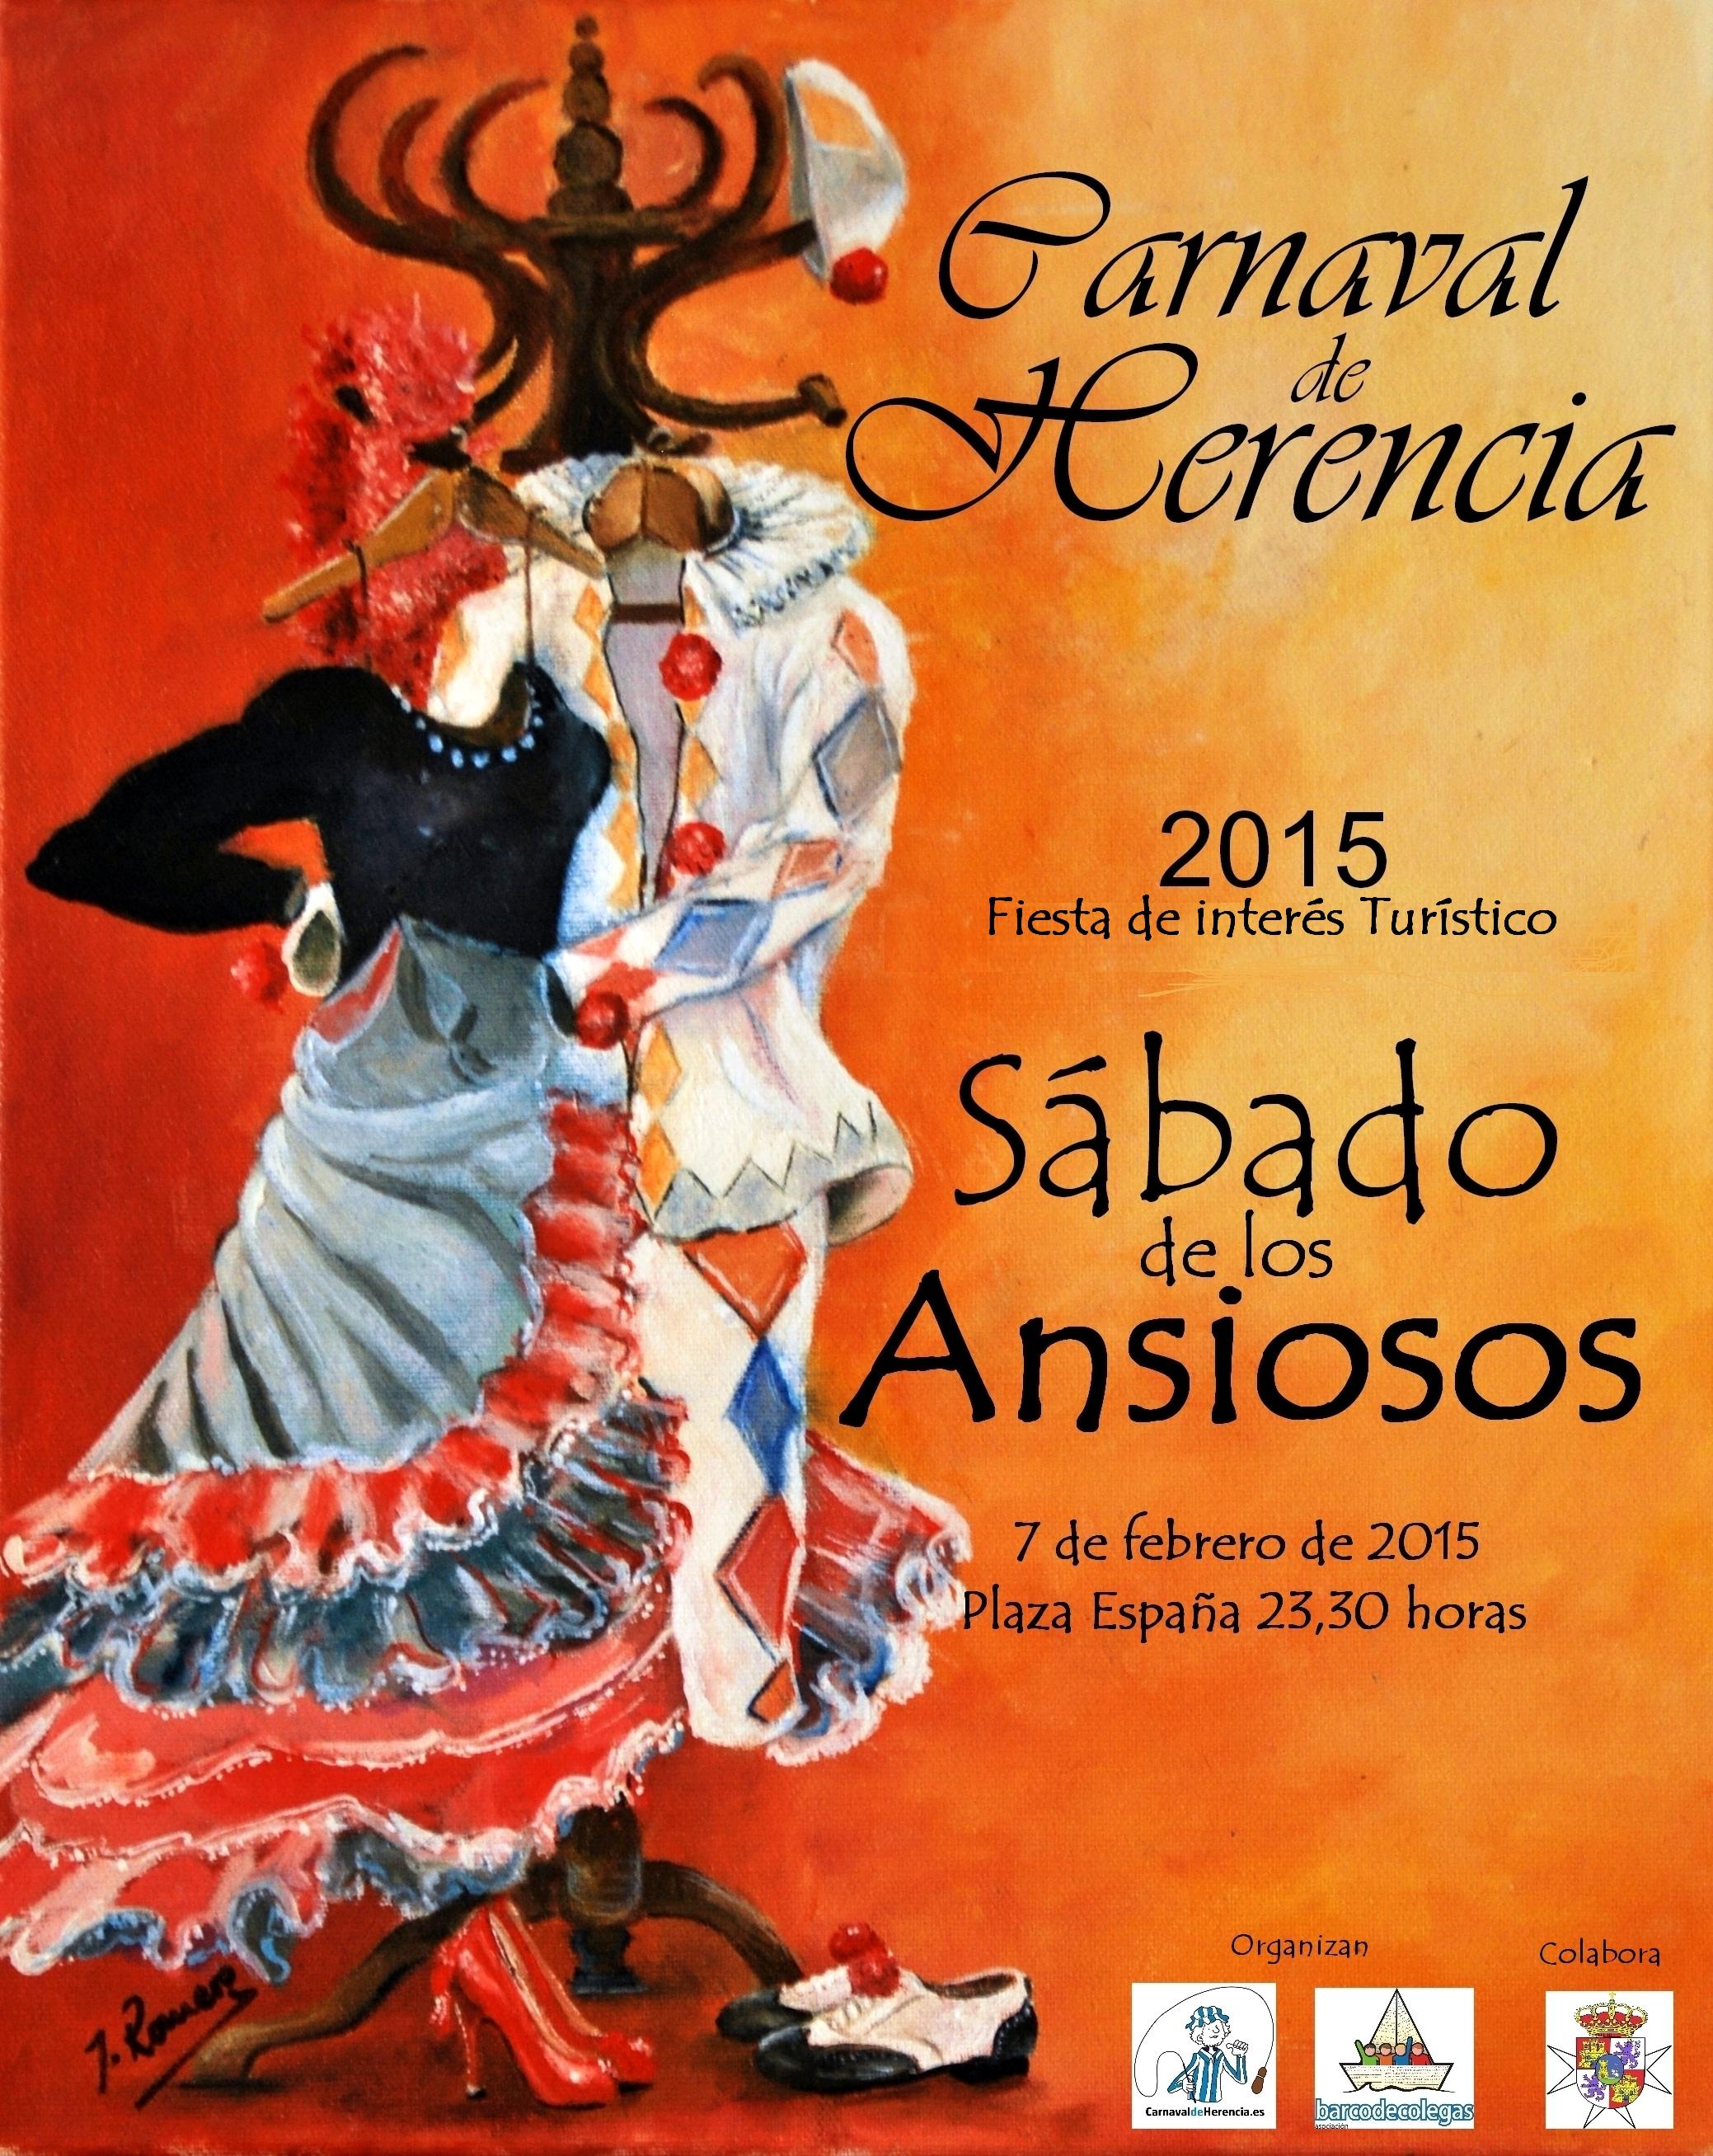 Cartel Sabado de los Ansiosos 2015